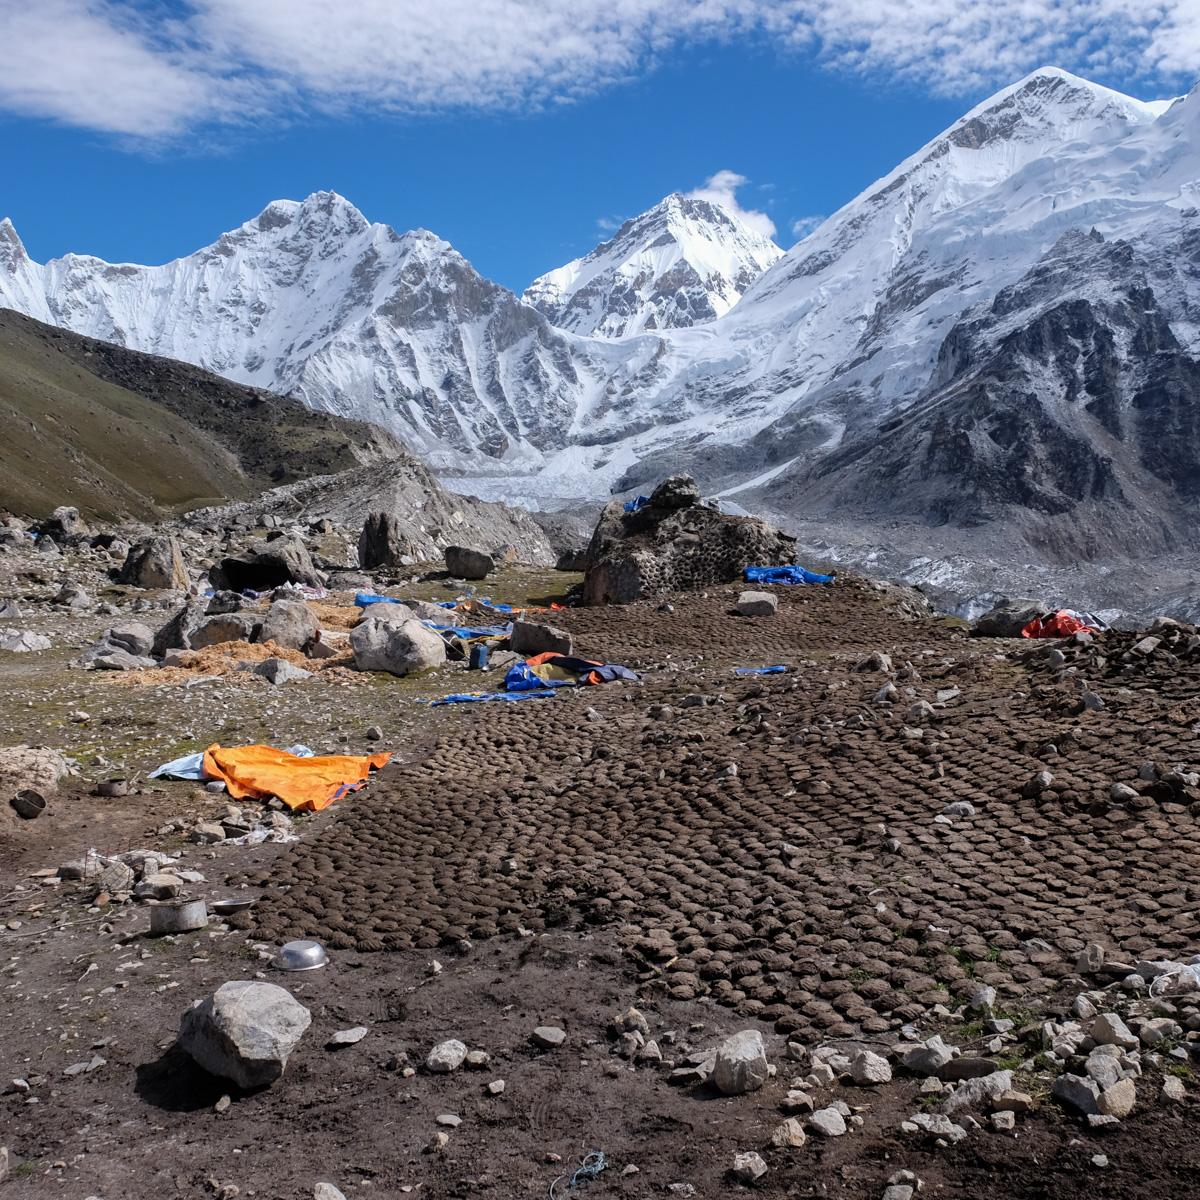 Kala Patthar & Gokyo, Everest 3 pass #3 24